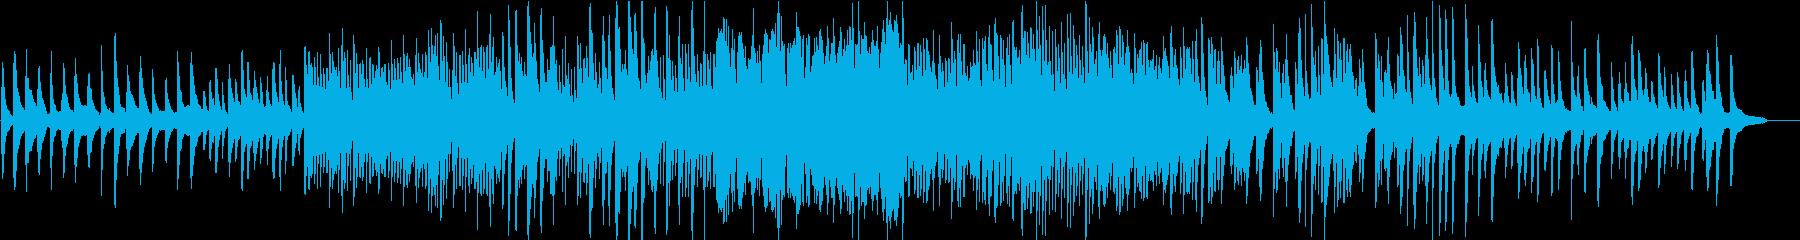 ピアニストが弾く「パッヘルベルのカノン」の再生済みの波形